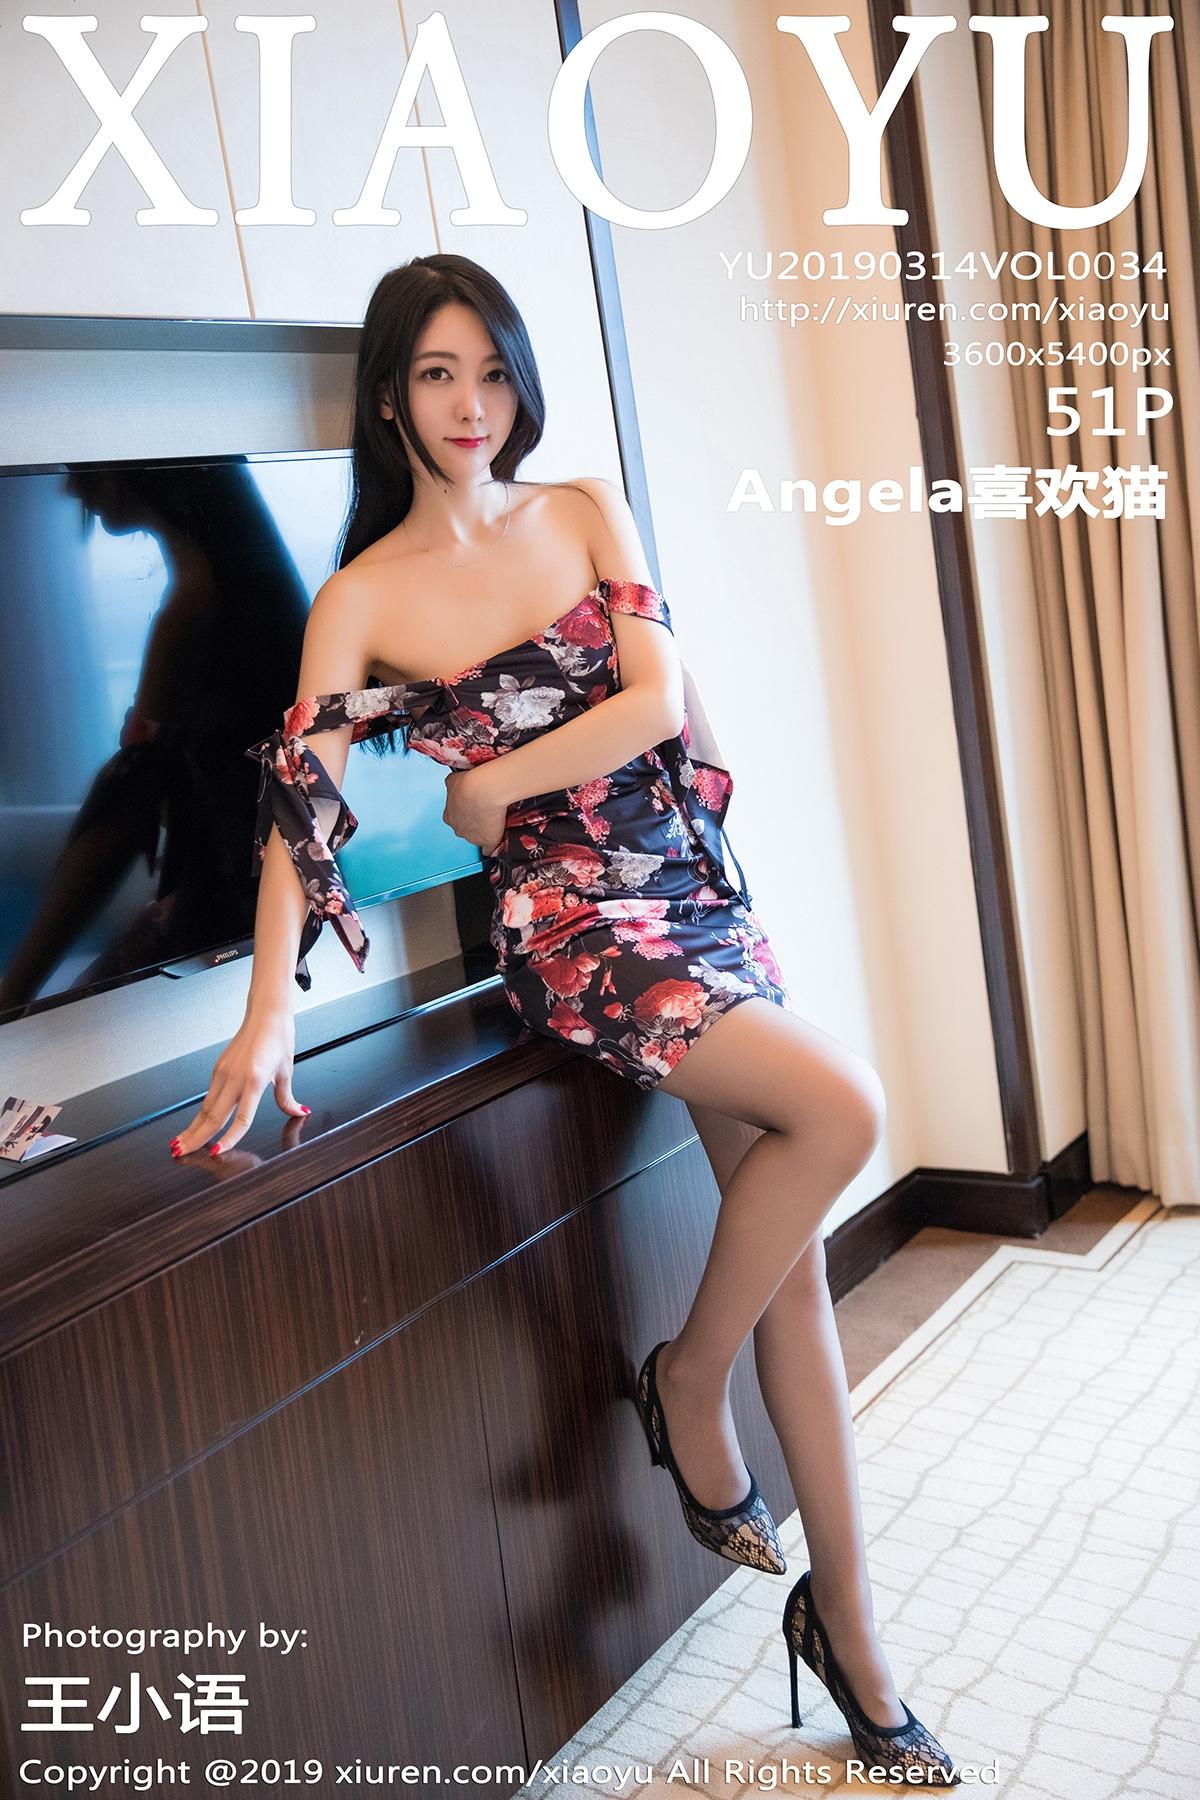 [XIAOYU语画界]2019.03.14 VOL.034 Angela喜欢猫 旗袍 美腿[/147MB]